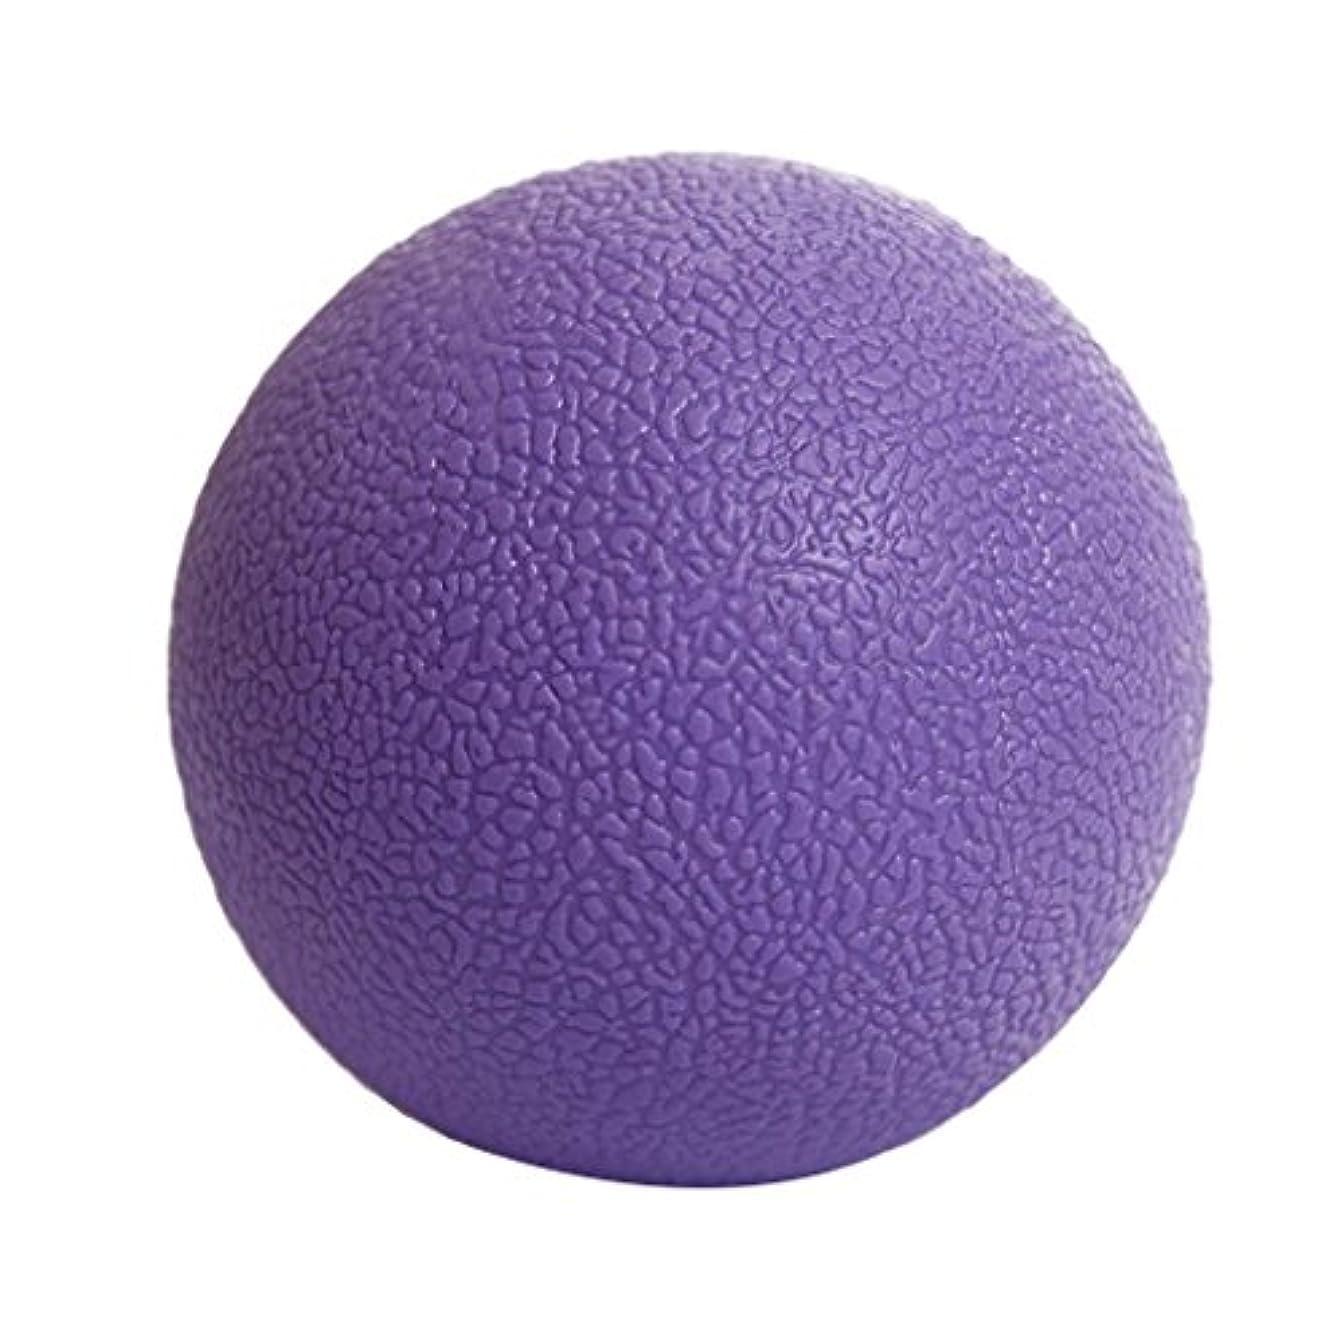 一般的な傑作既婚マッサージボール ジムフィットネス 筋肉マッサージ ボール トリガーポイント 4色選べる - 紫の, 説明したように